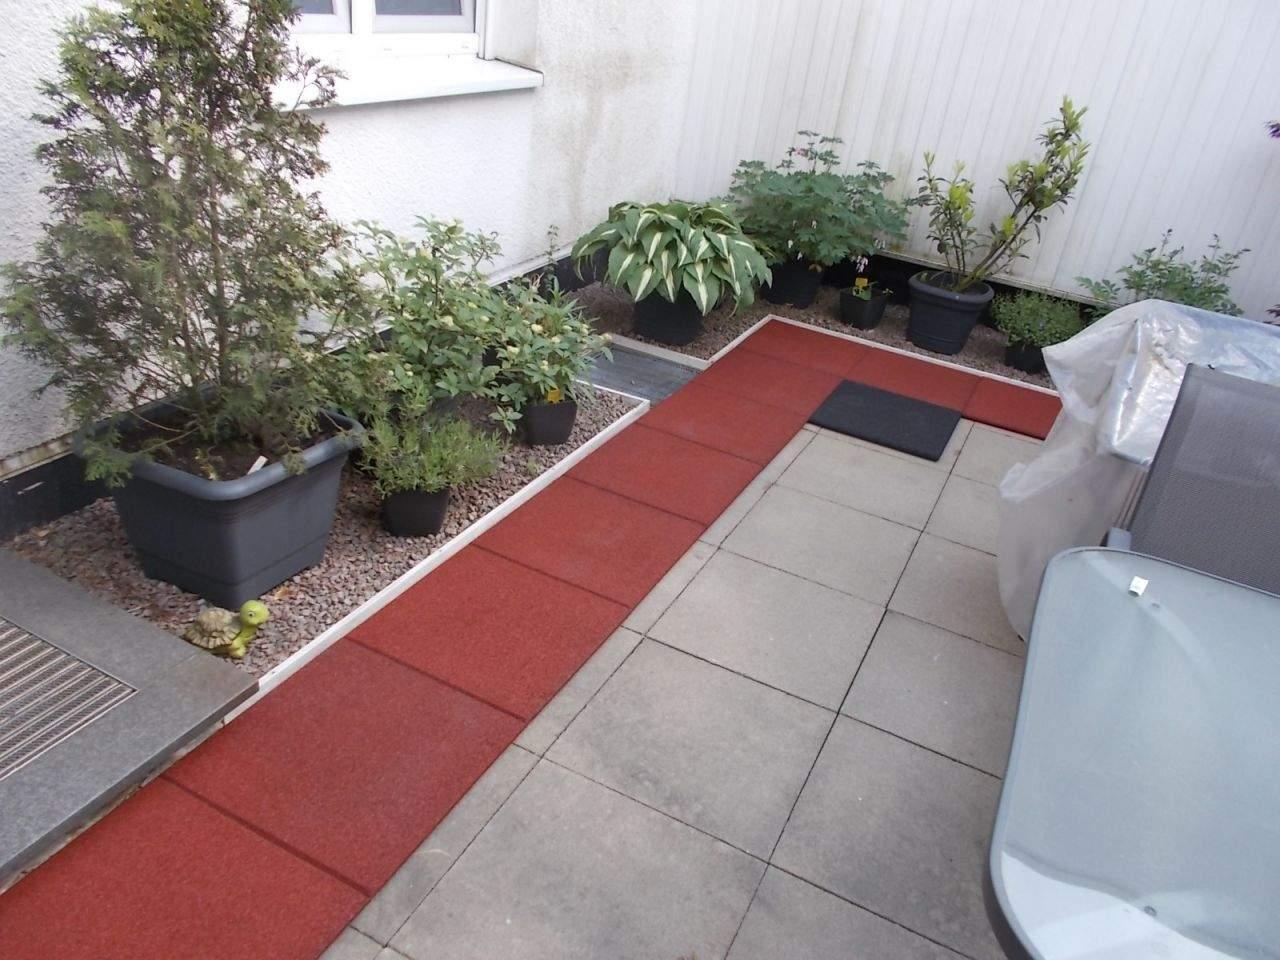 Fallschutzmatten Garten Elegant Fussboden Für Unser atrium Der Dritte Anlauf